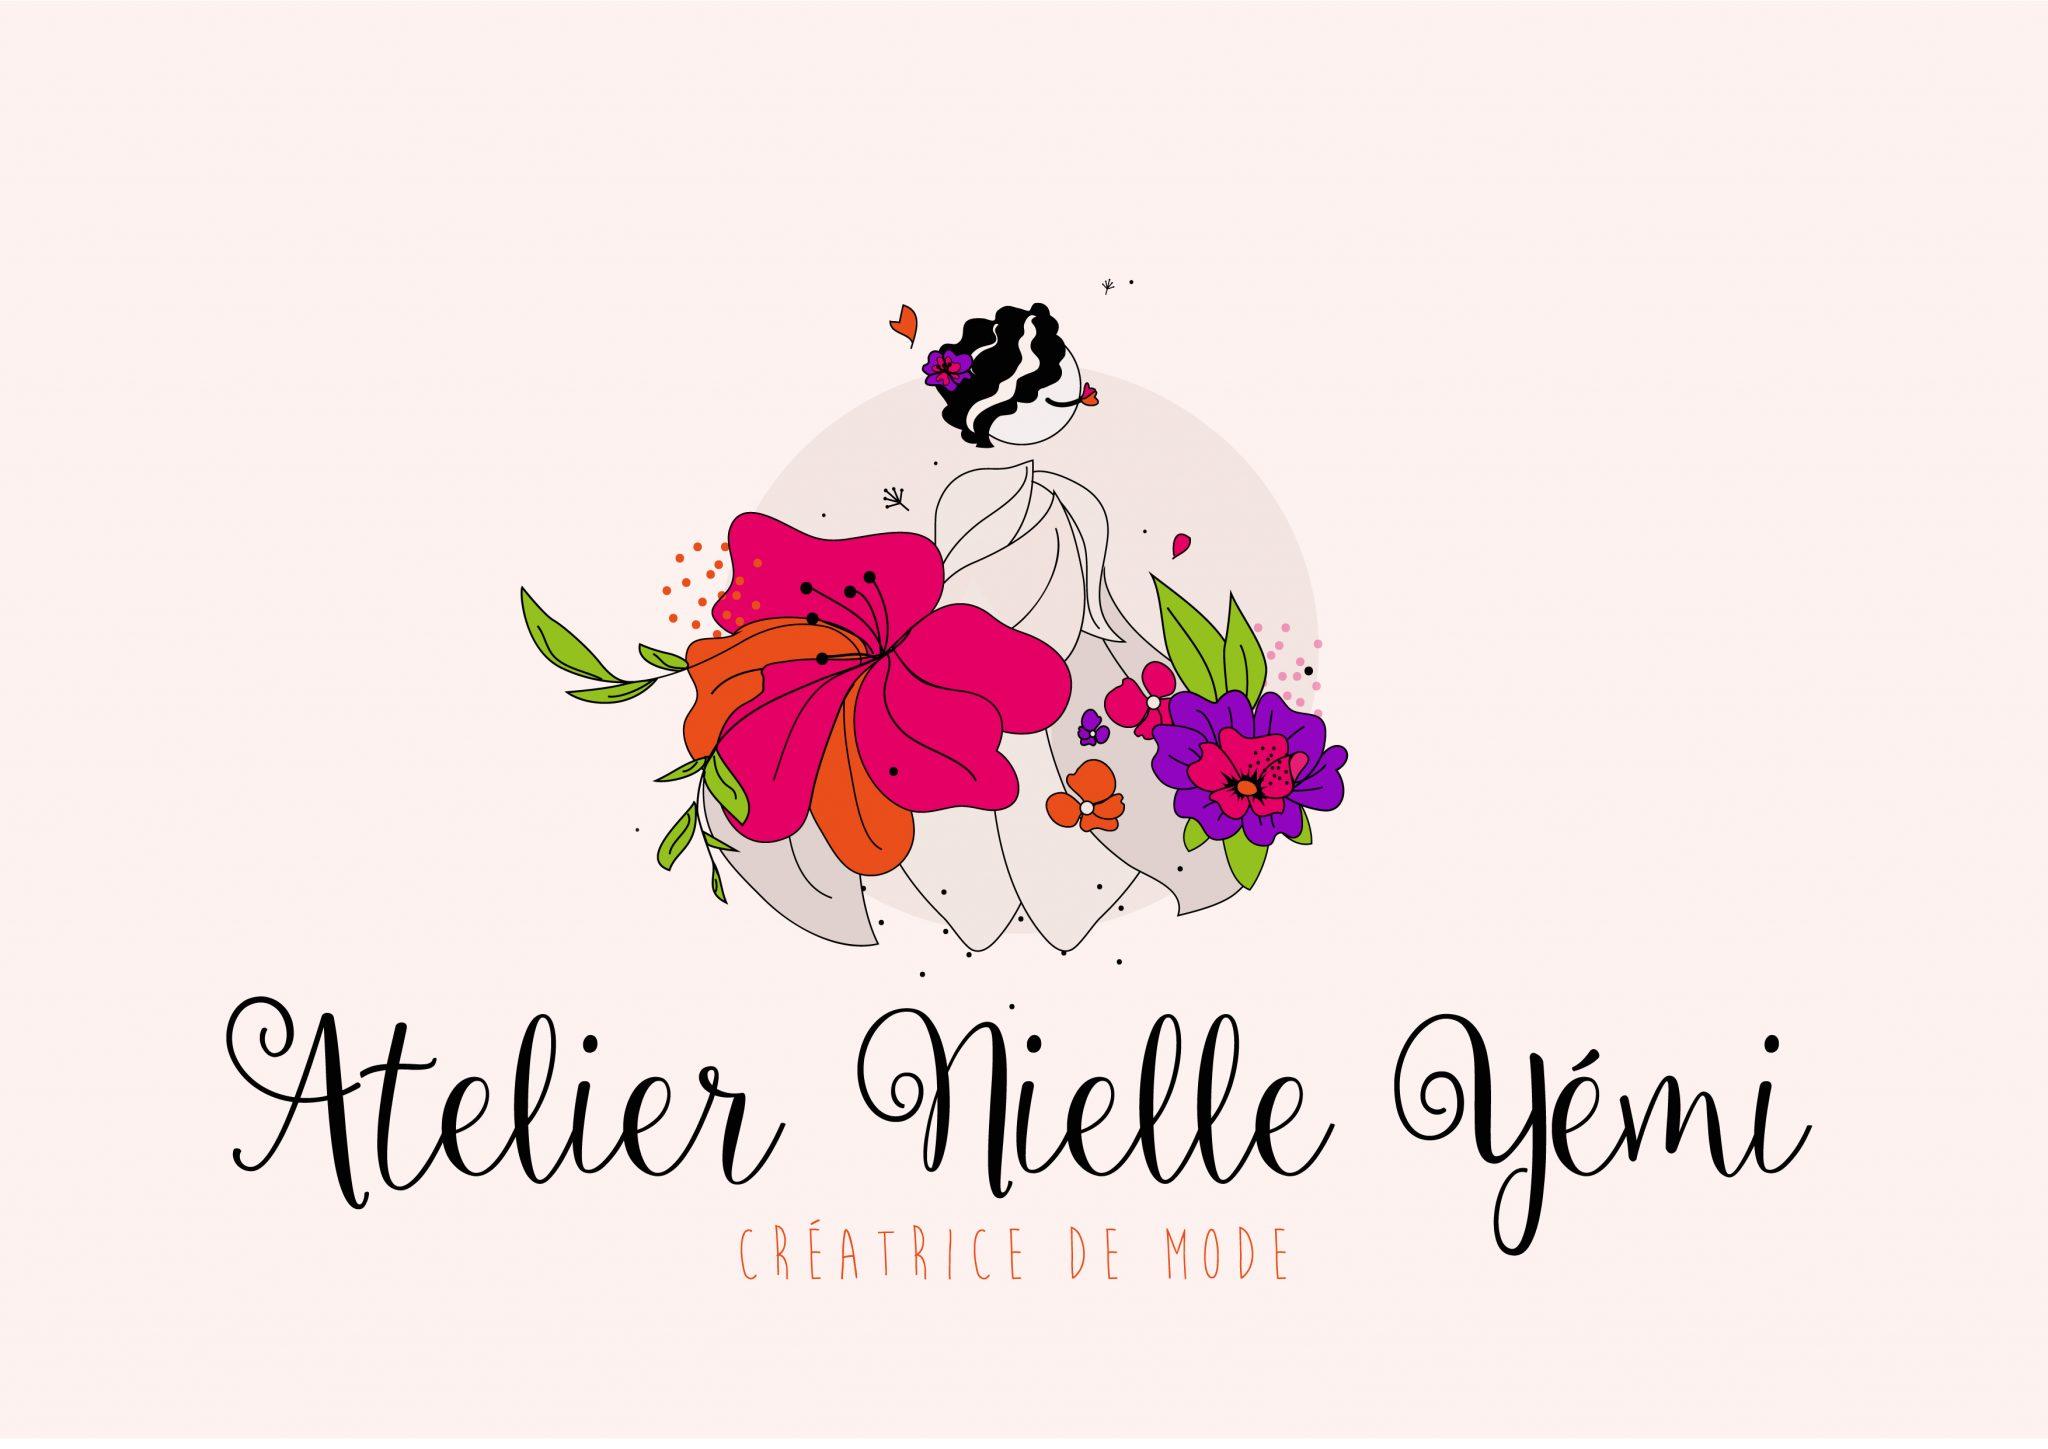 Atelier Nielle Yemi Créatrice de mode